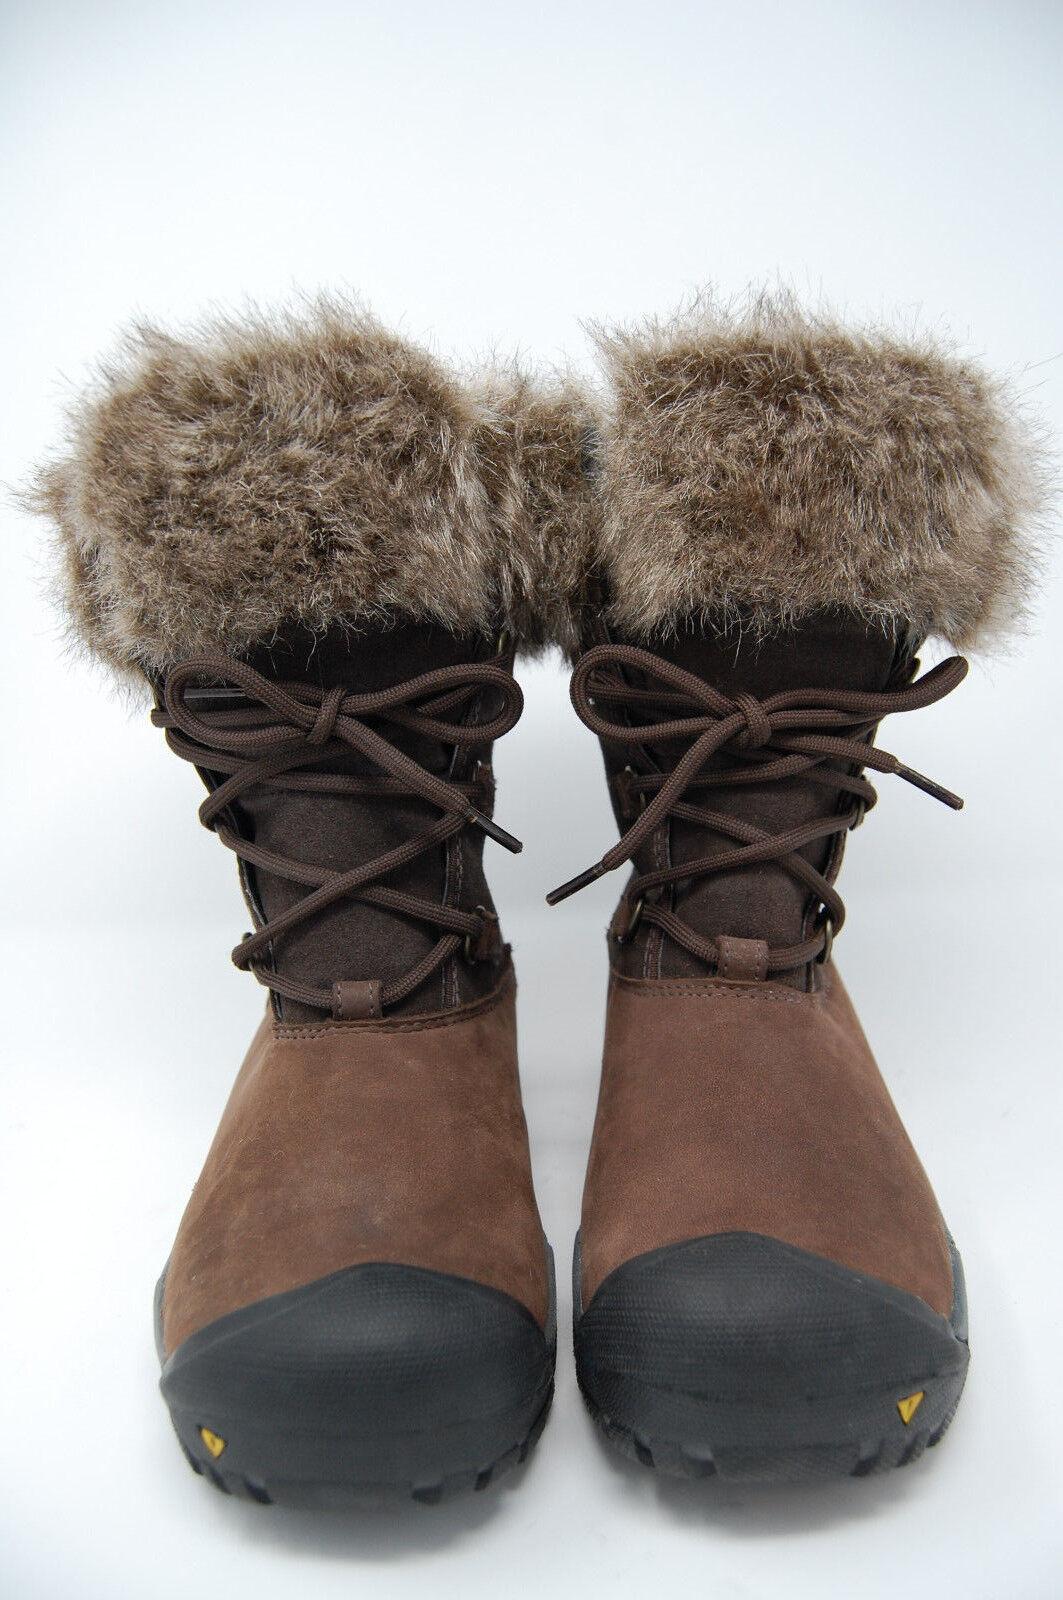 KEEN women Helena faux fur lined boot waterproof brown size 6.5  150